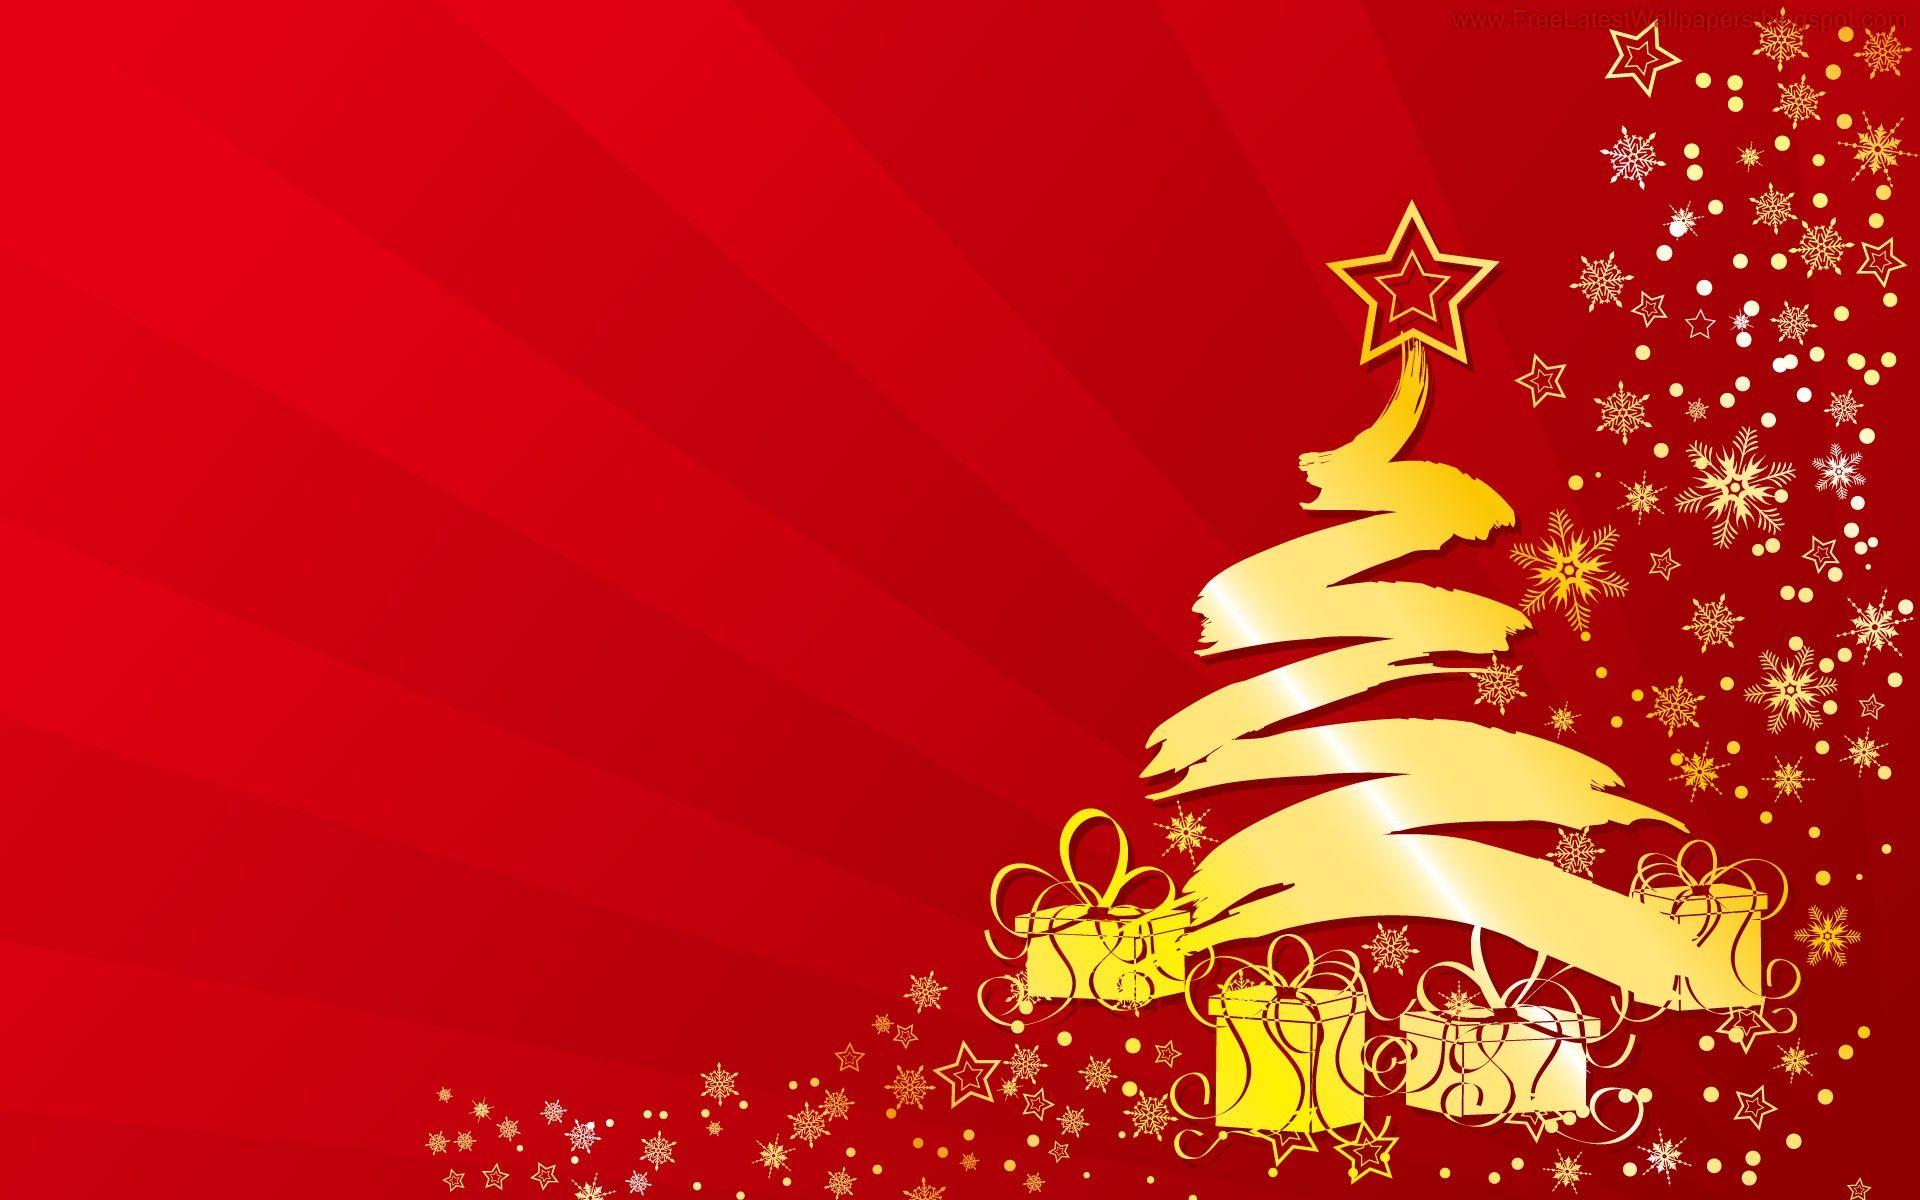 Tarjetas De Navidad Para Descargarimágenes Para Descargar: Fondos De Navidad En Hd En Hd Gratis Para Descargar 4 HD